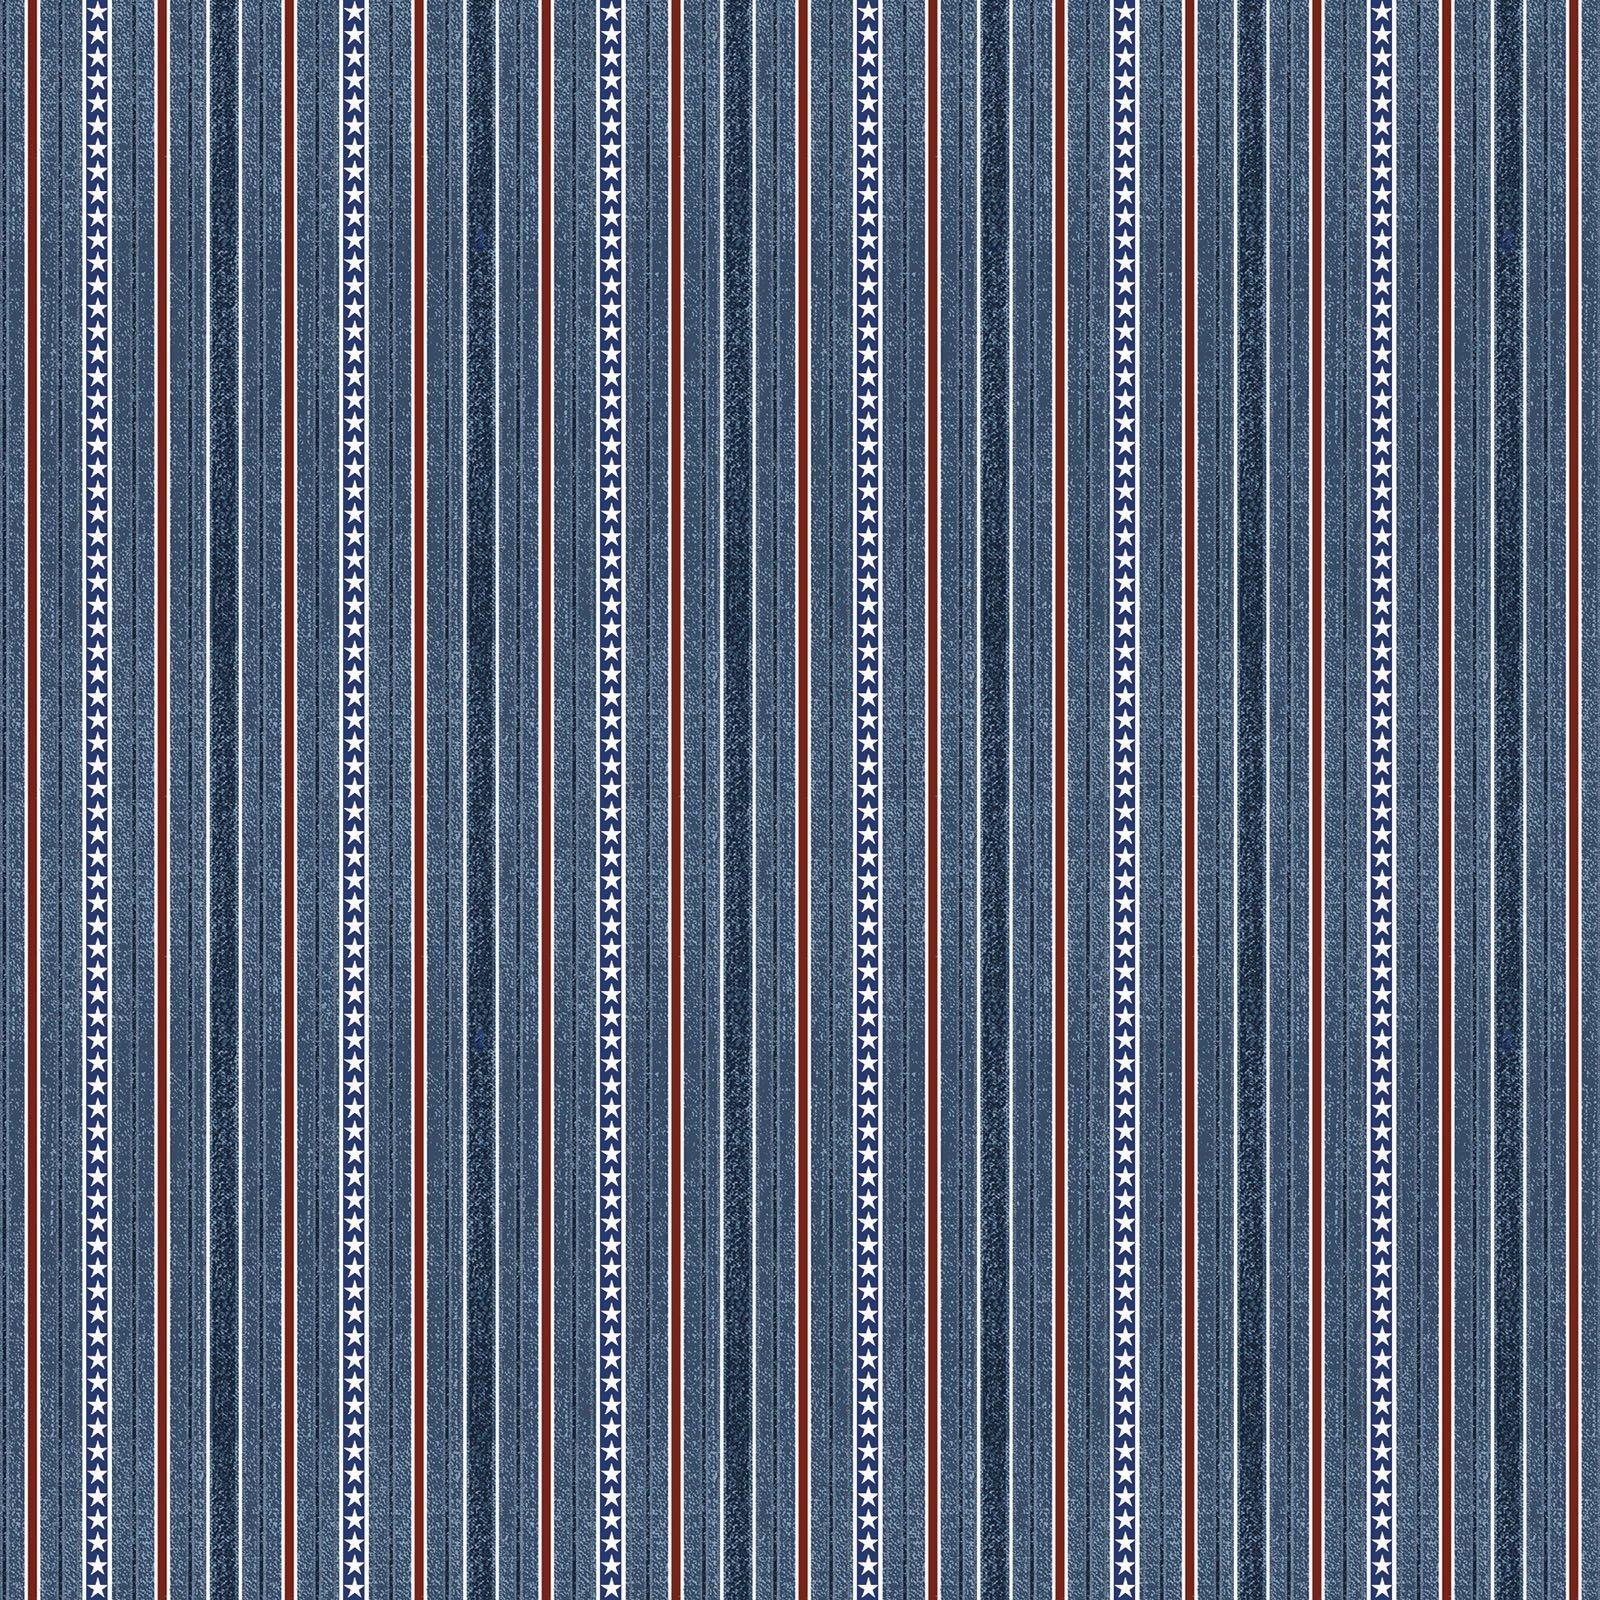 Blue Stripe - American Rustic - BEN6335-55